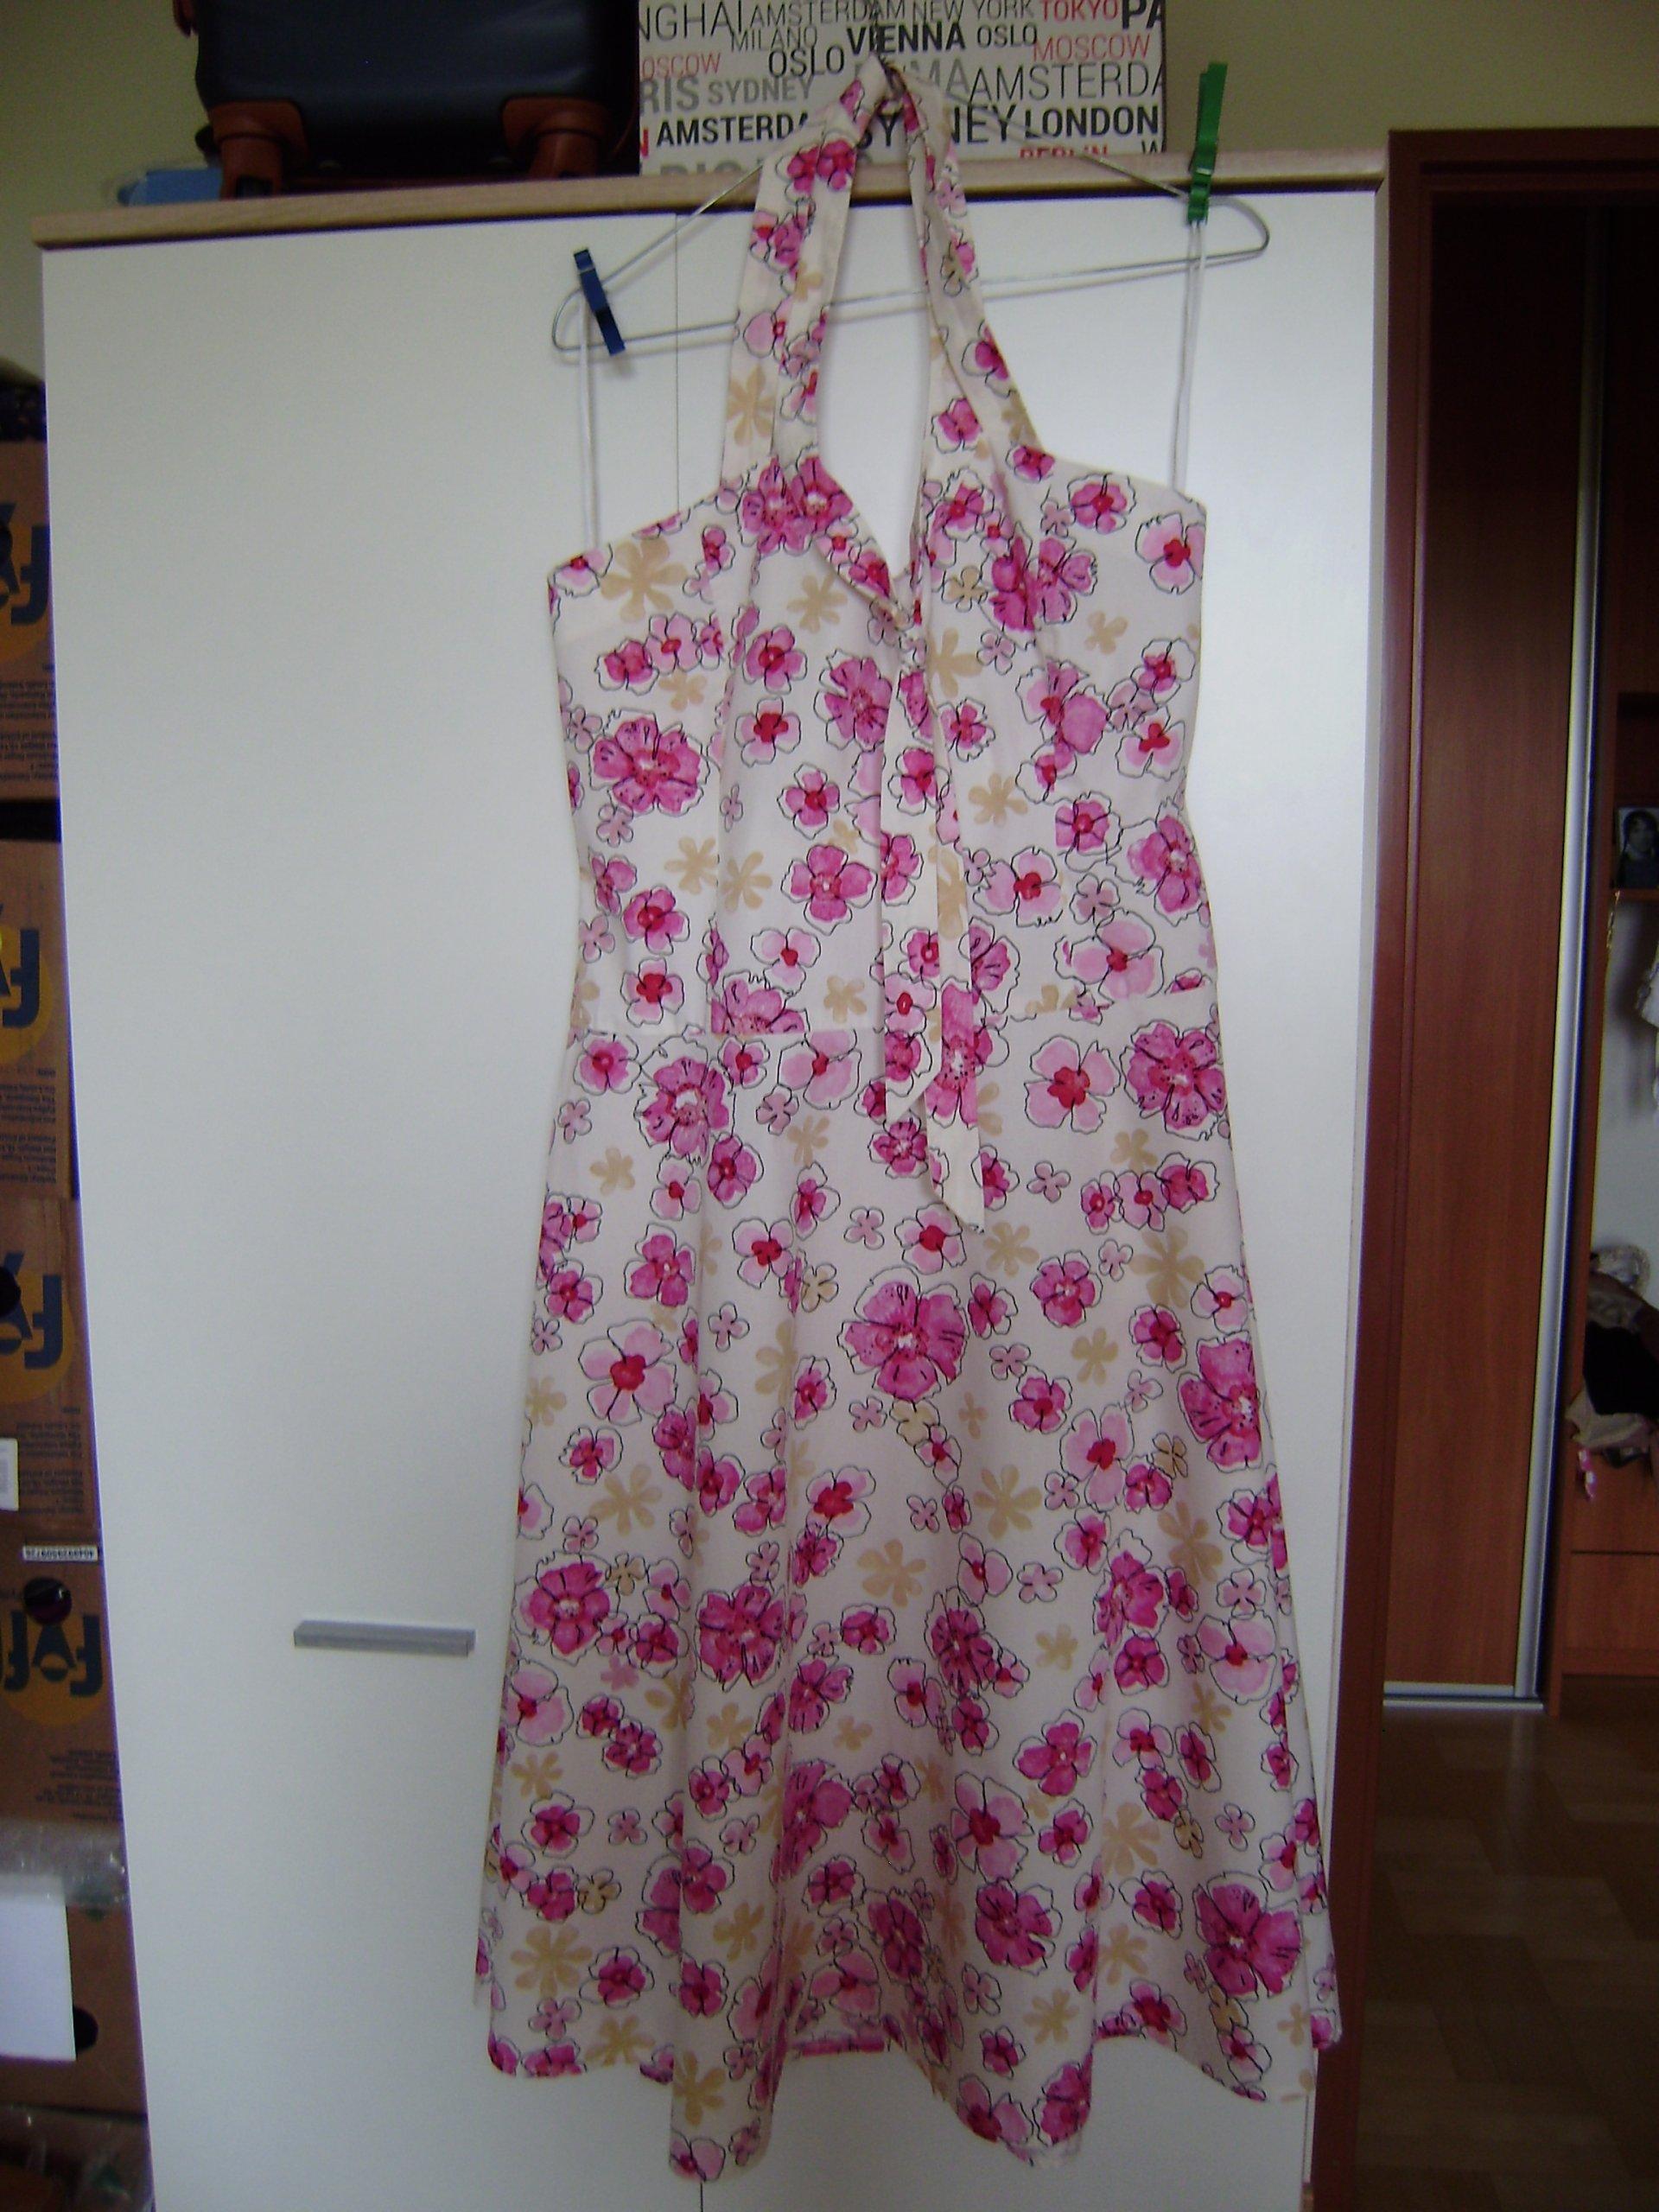 f139e2638a Sukienka beżowa w kwiaty ALWER rozm.12 100% bawełn 7251181521 - Allegro.pl  - Więcej niż aukcje.